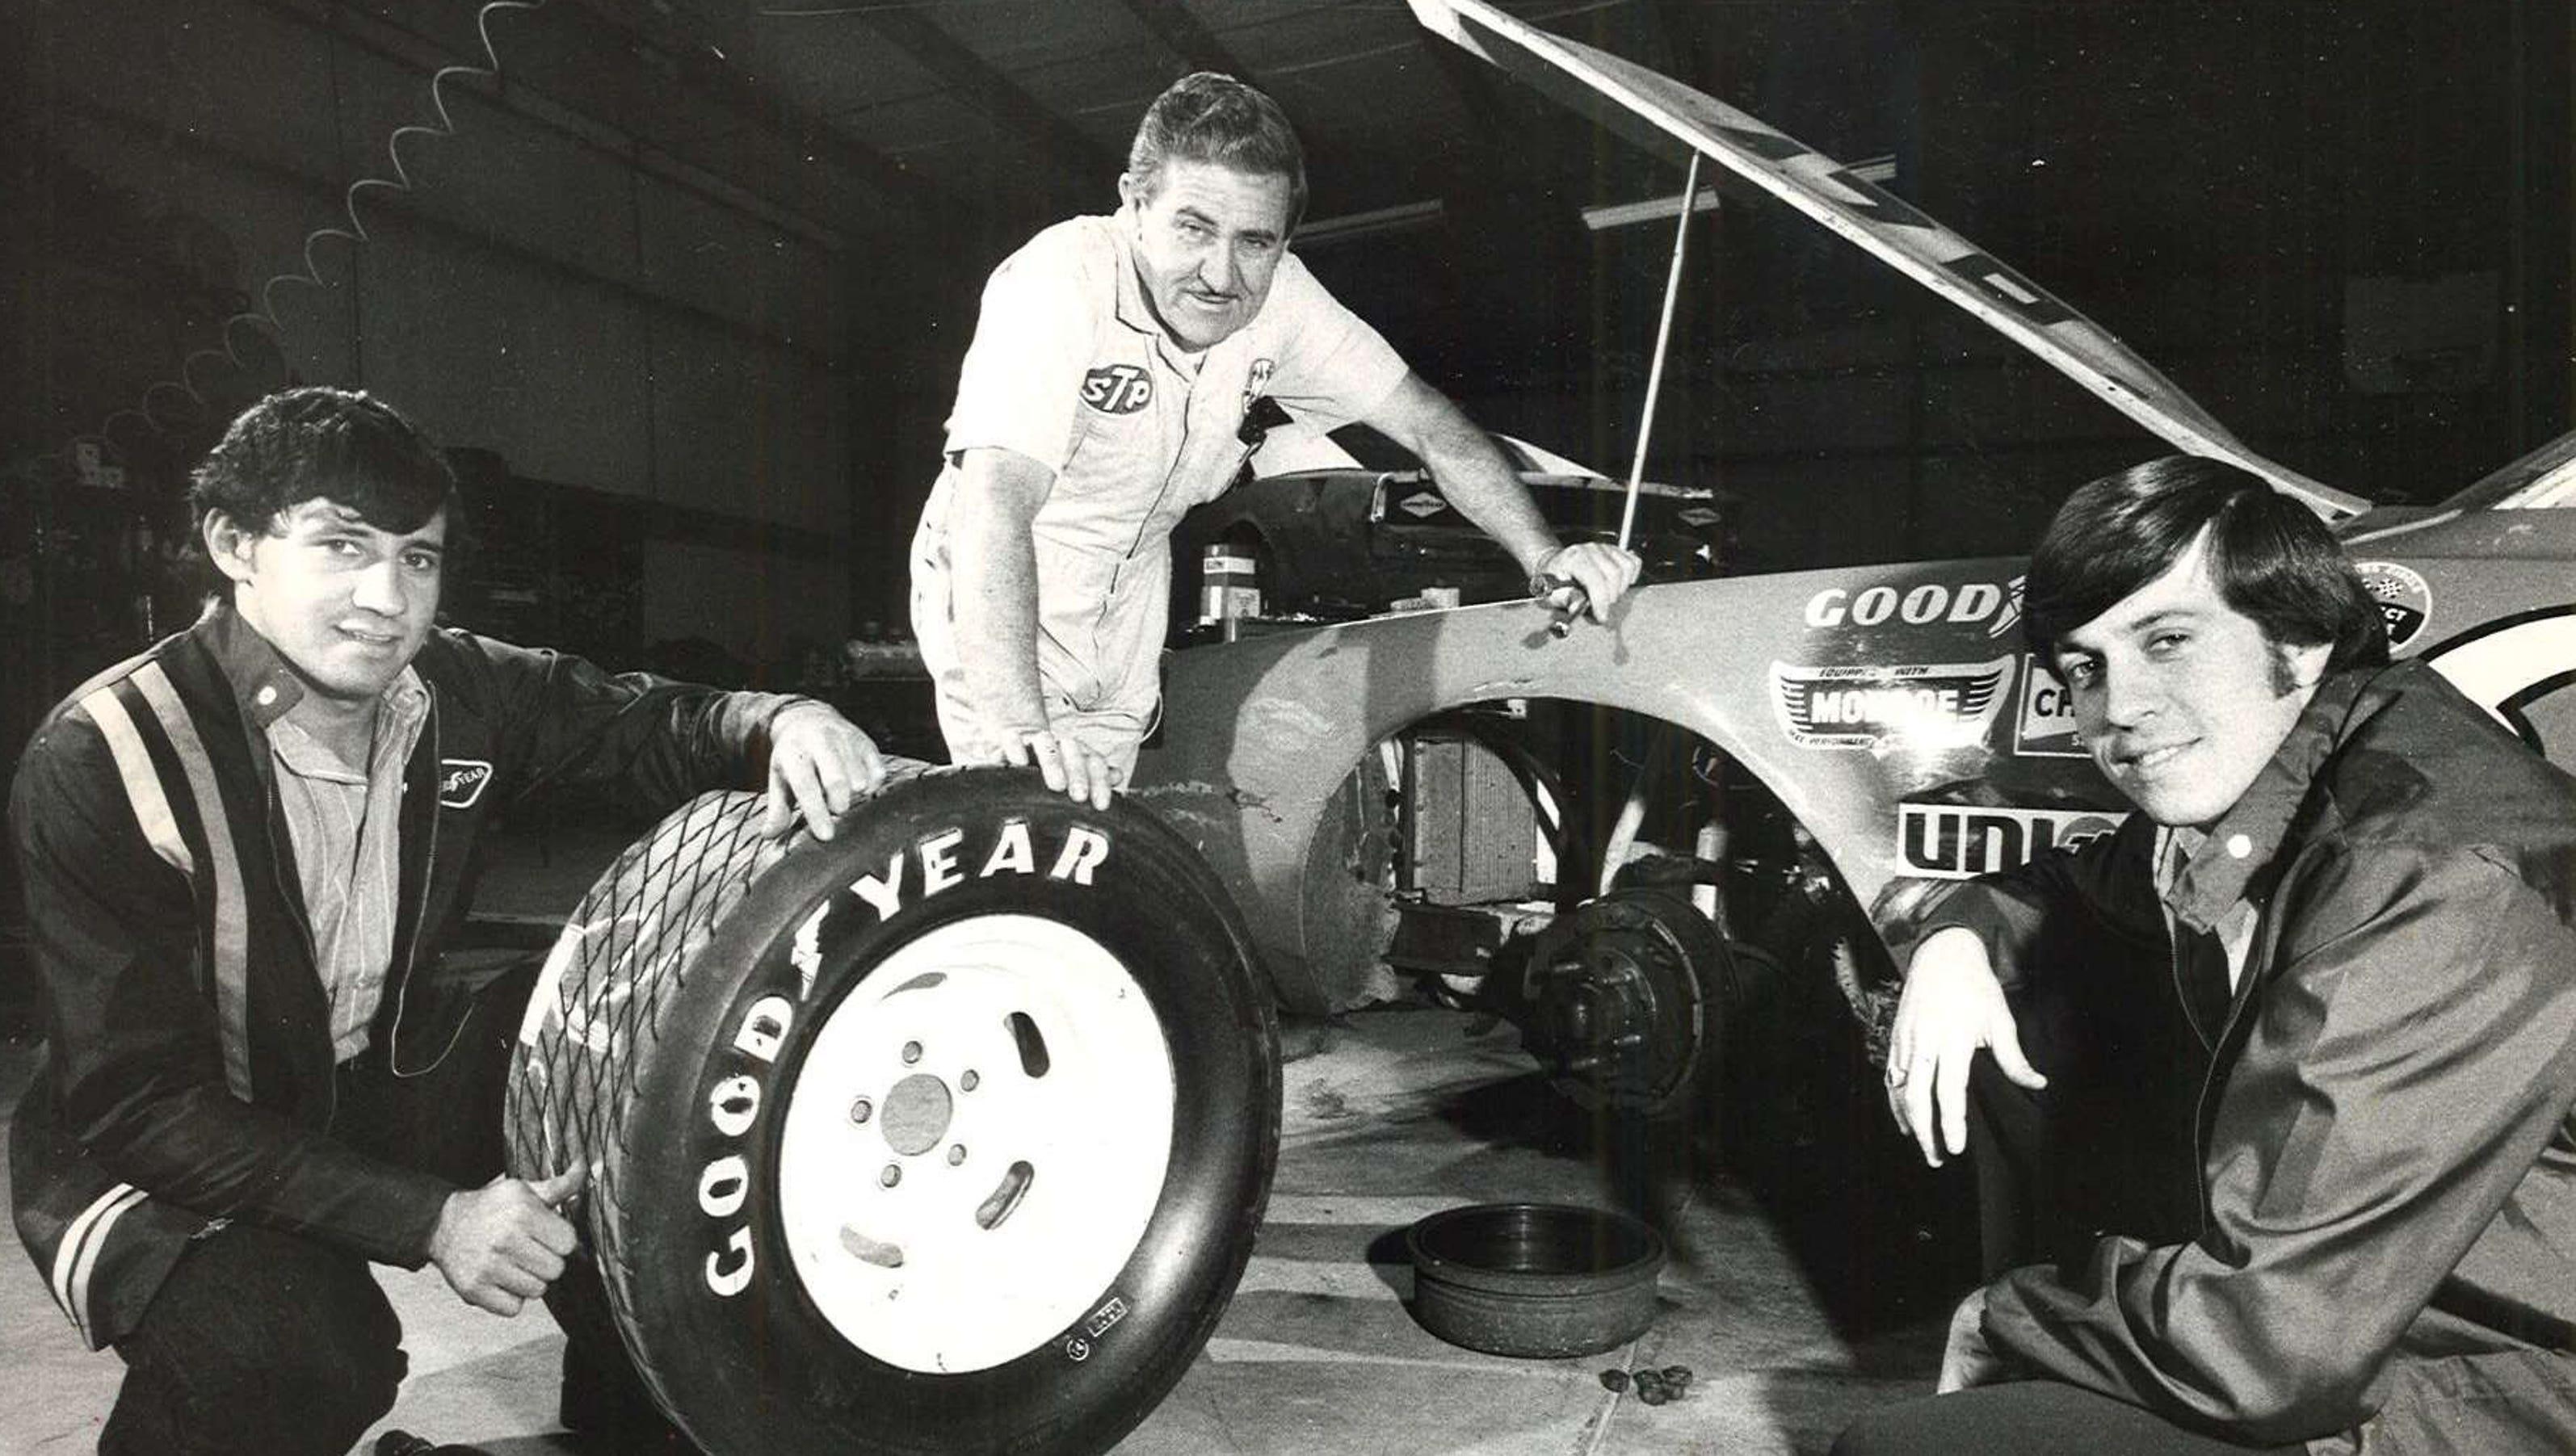 Stock Car Champion Usac Driver Ernie Derr Dies At 92